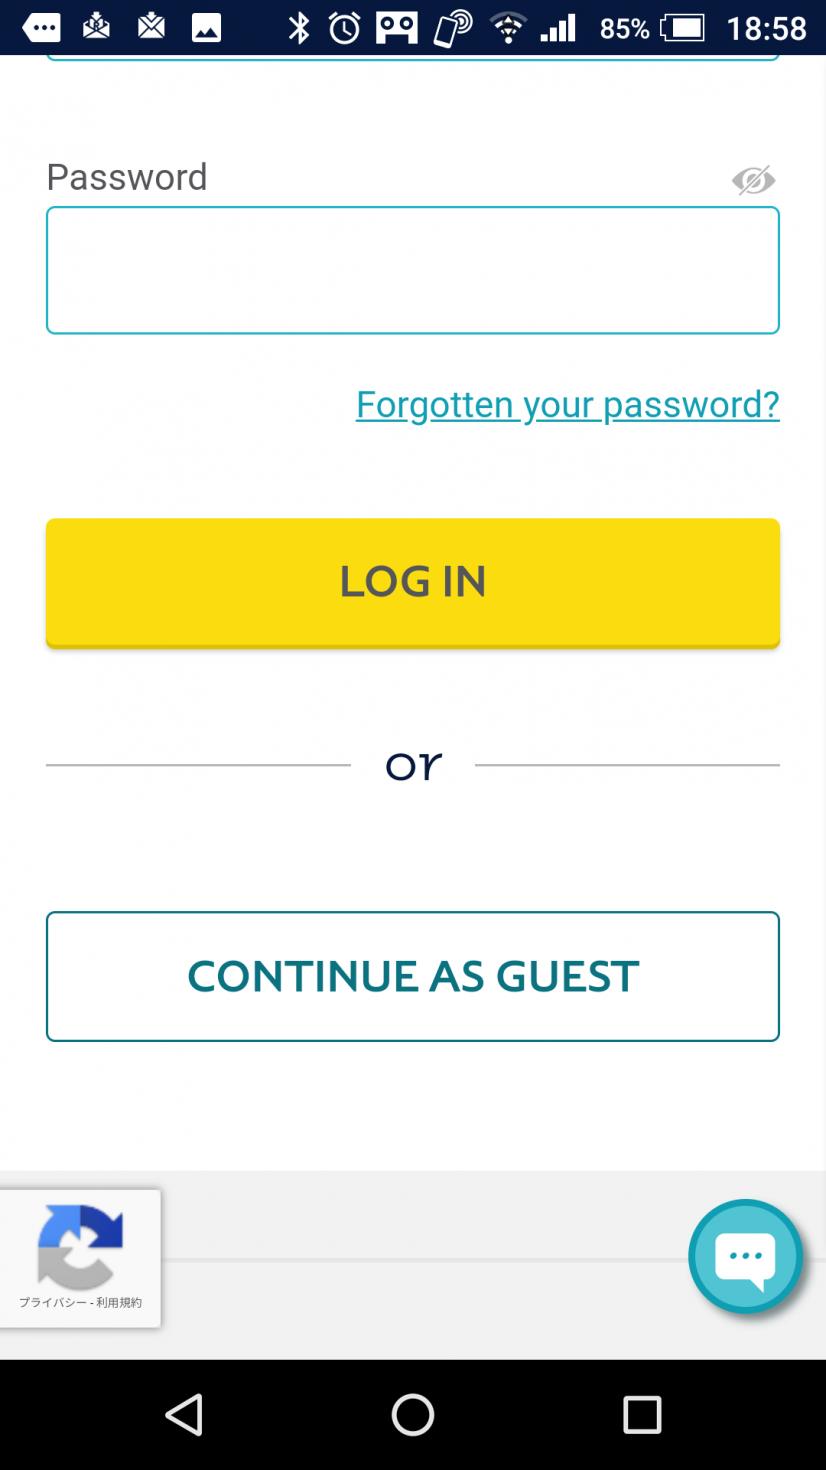 一度きりなら、continue as guestをタップ。 私は今回きりでしばらく利用する予定がないのでこちらで予約しました。